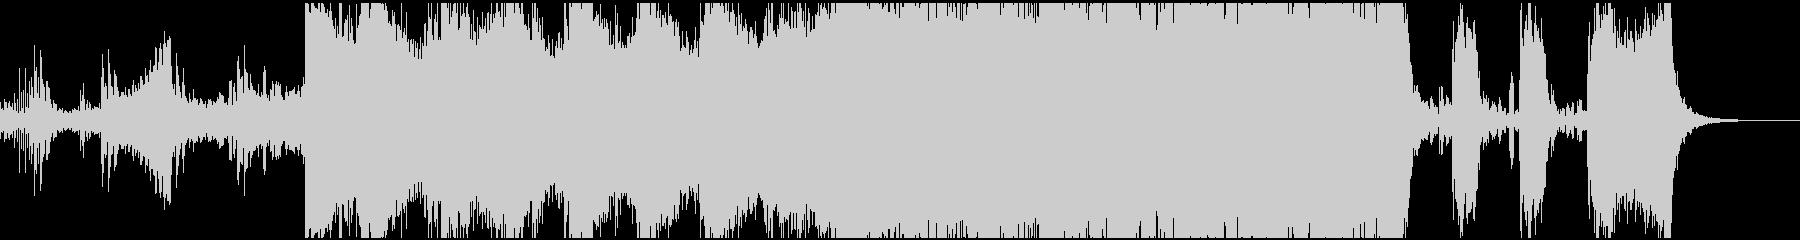 映像制作 山 星 タイムラプスの未再生の波形